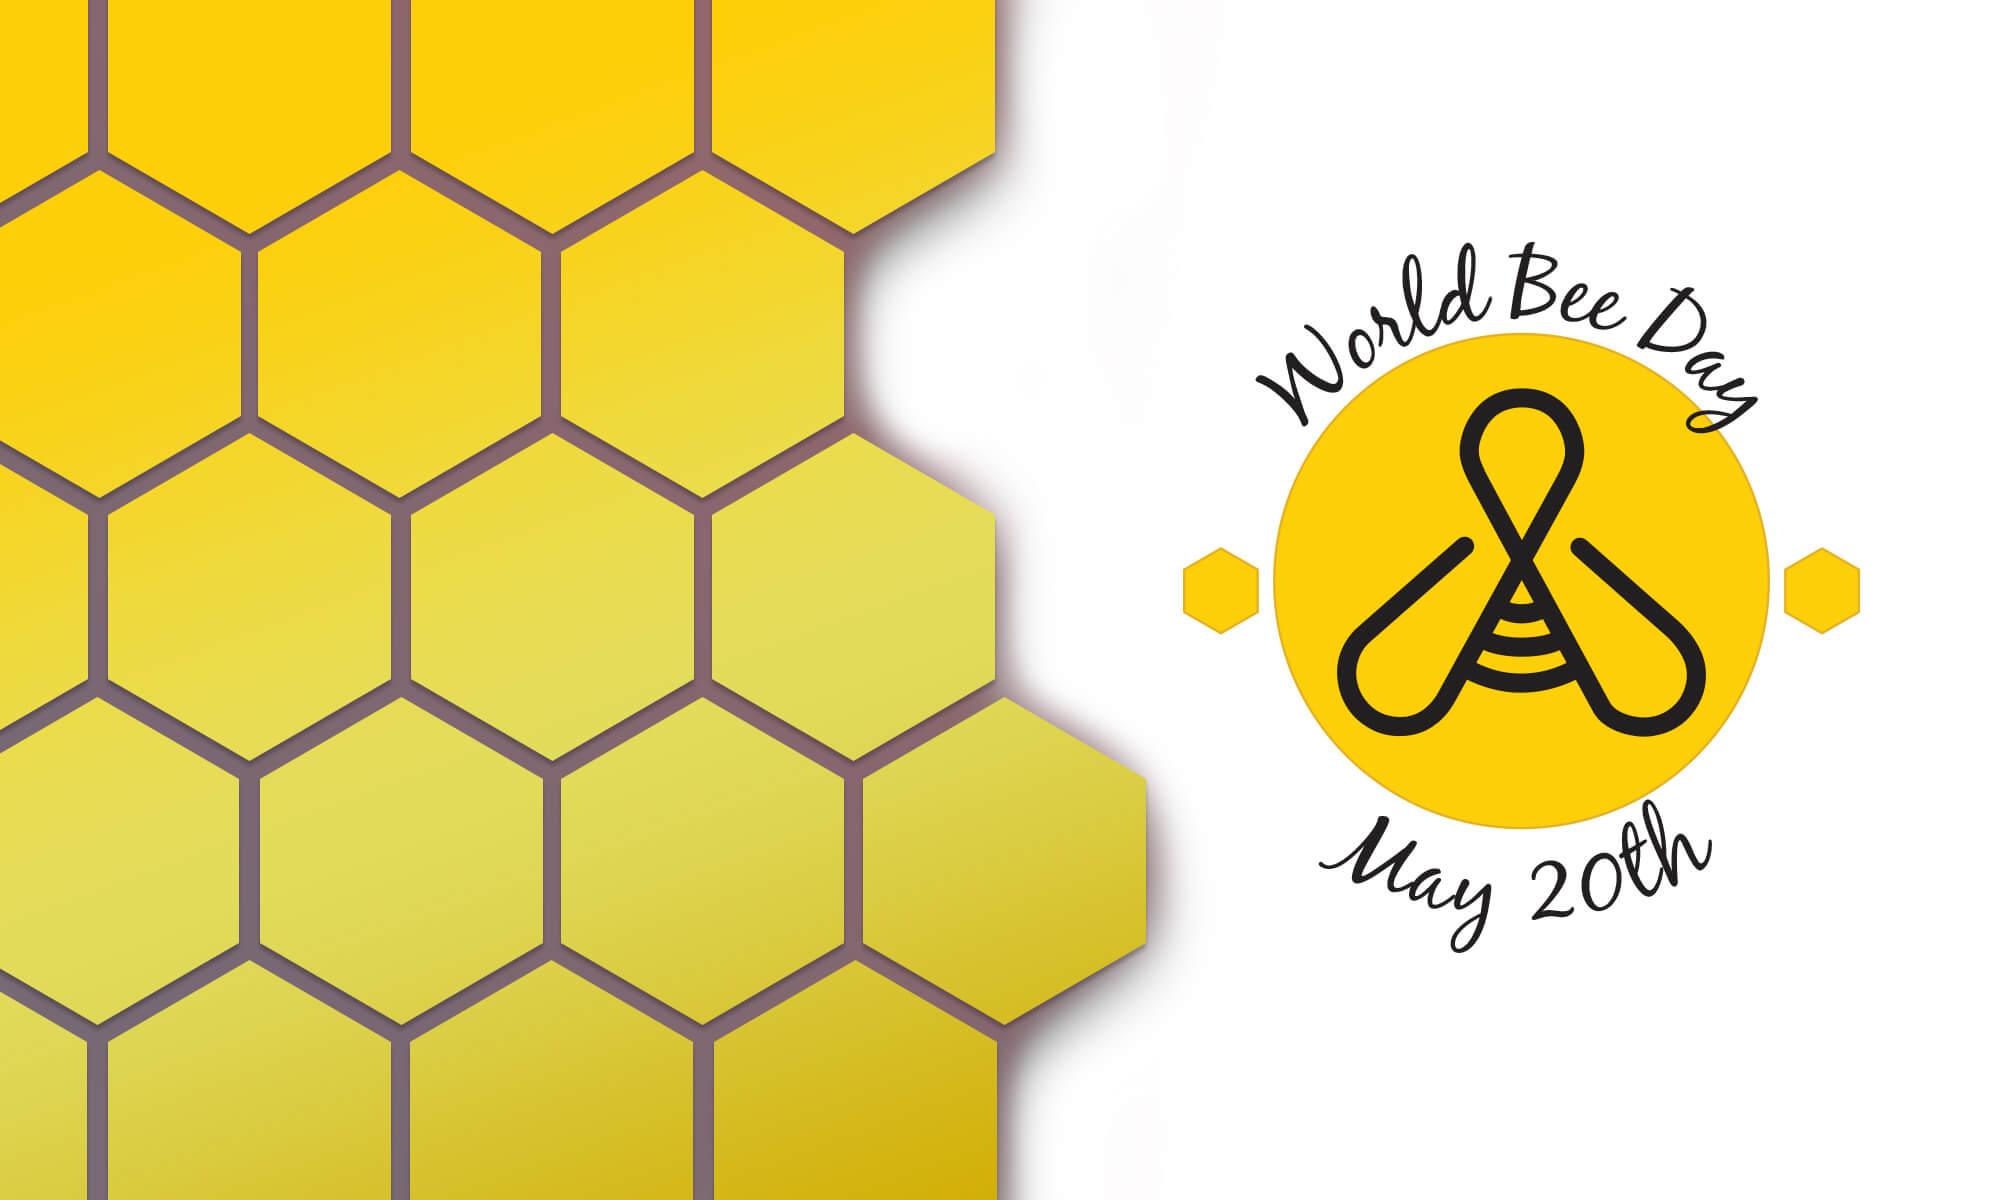 World Bee Day observed globally on 20th May | உலக தேனீ தினம் உலகளவில் மே 20 அன்று அனுசரிக்கப்படுகிறது |_40.1